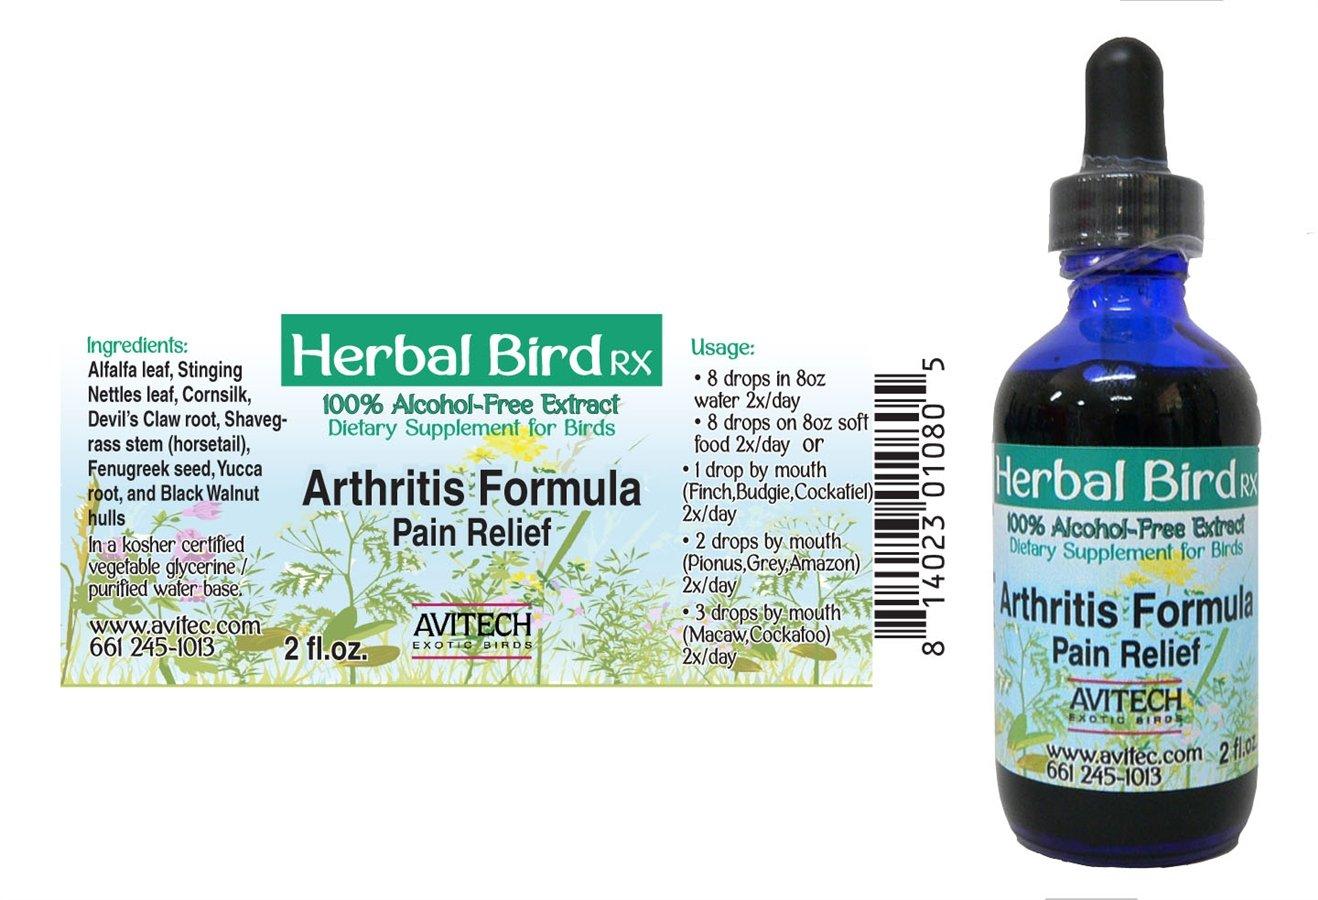 Avitech Herbal Bird Rx Arthritis Formula Pain Relief Bottle - 2oz.